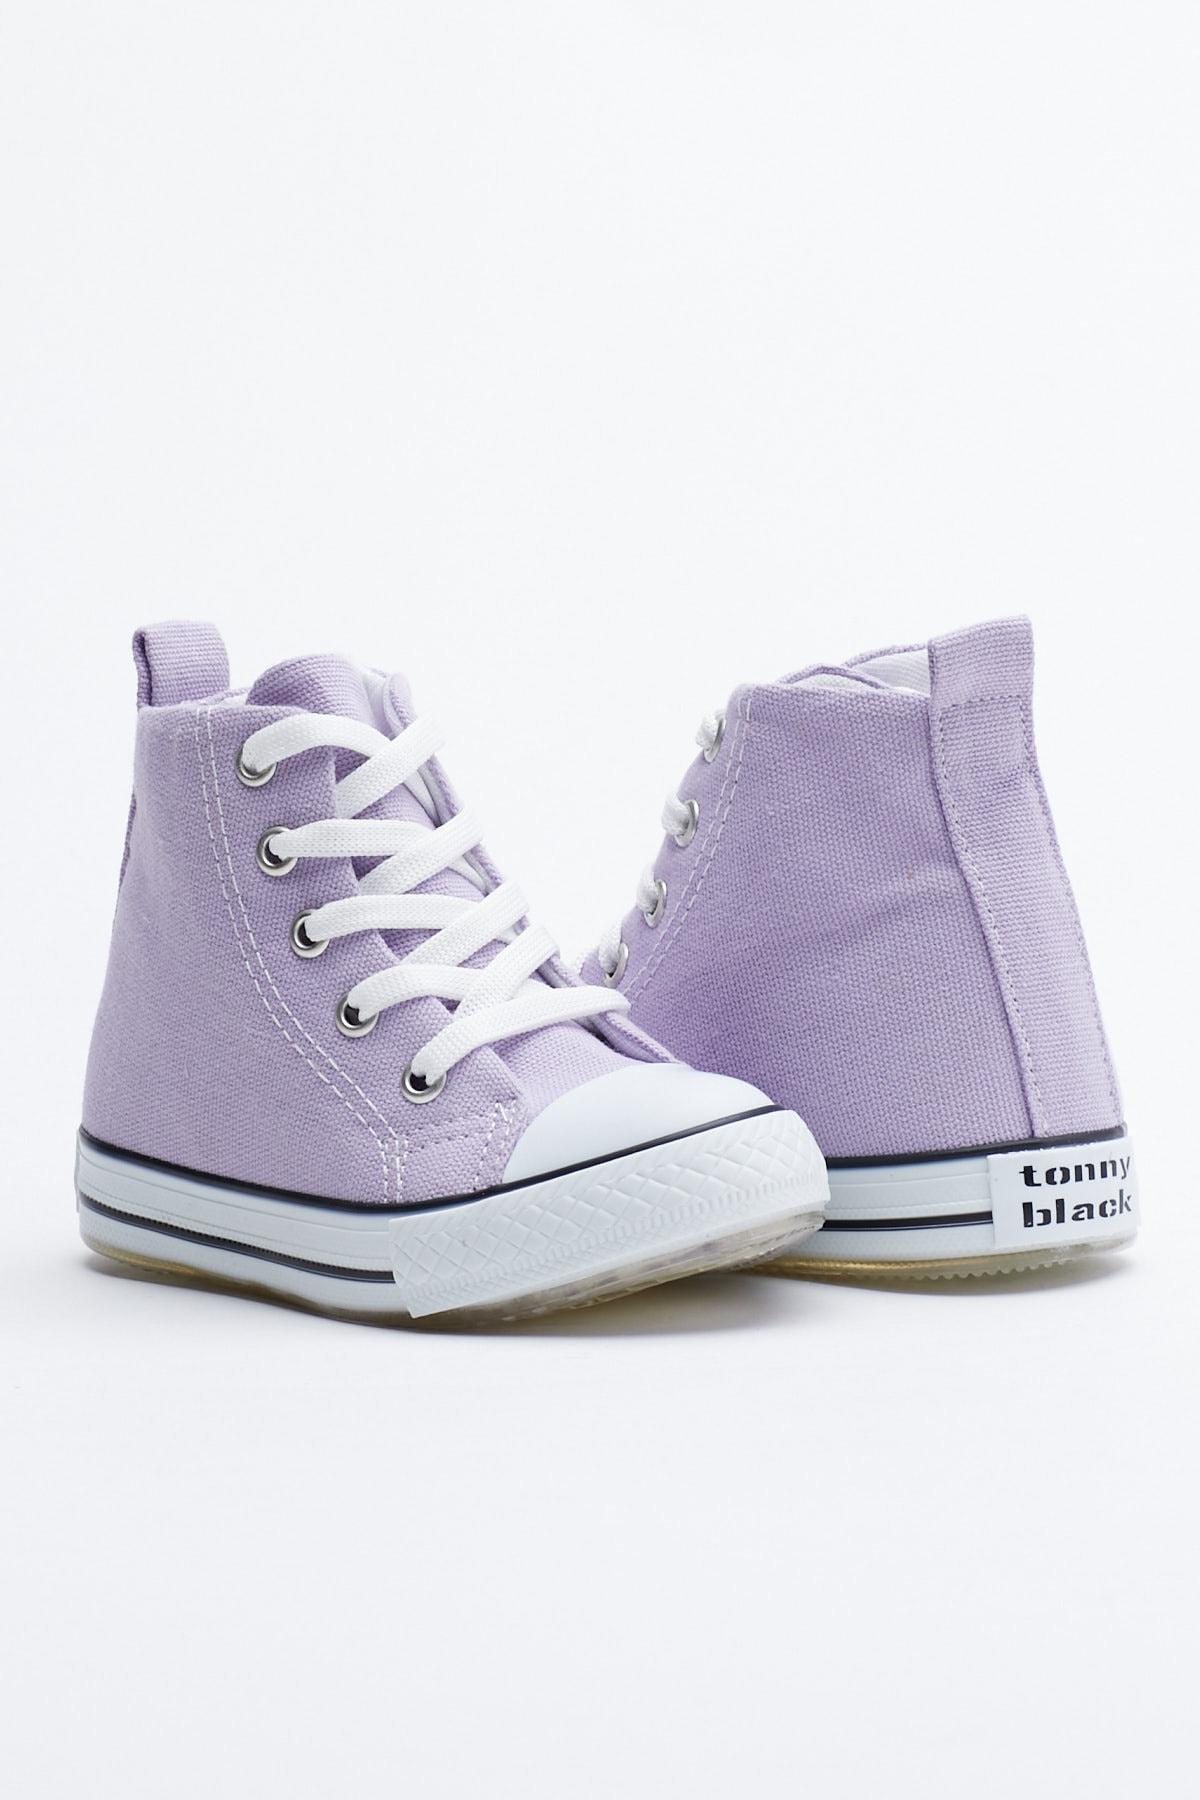 Tonny Black Lila Çocuk Spor Ayakkabı Uzun Tb999 1